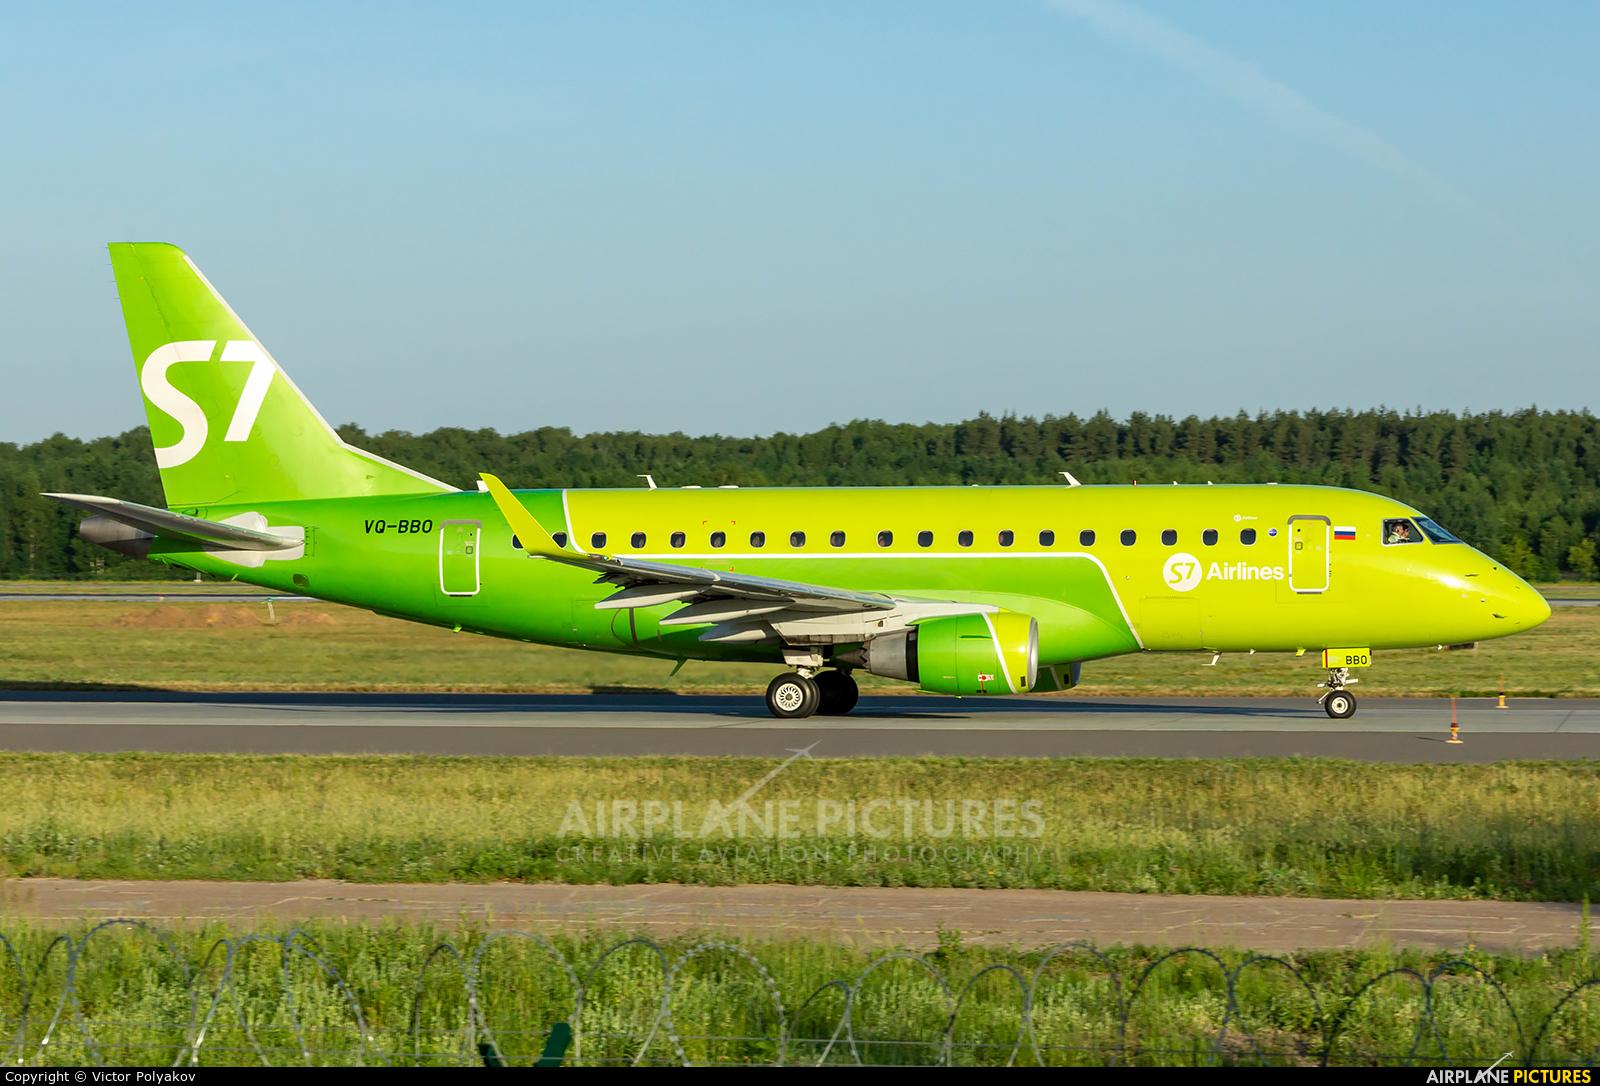 S7 Airlines VQ-BBO aircraft at Nizhniy Novgorod